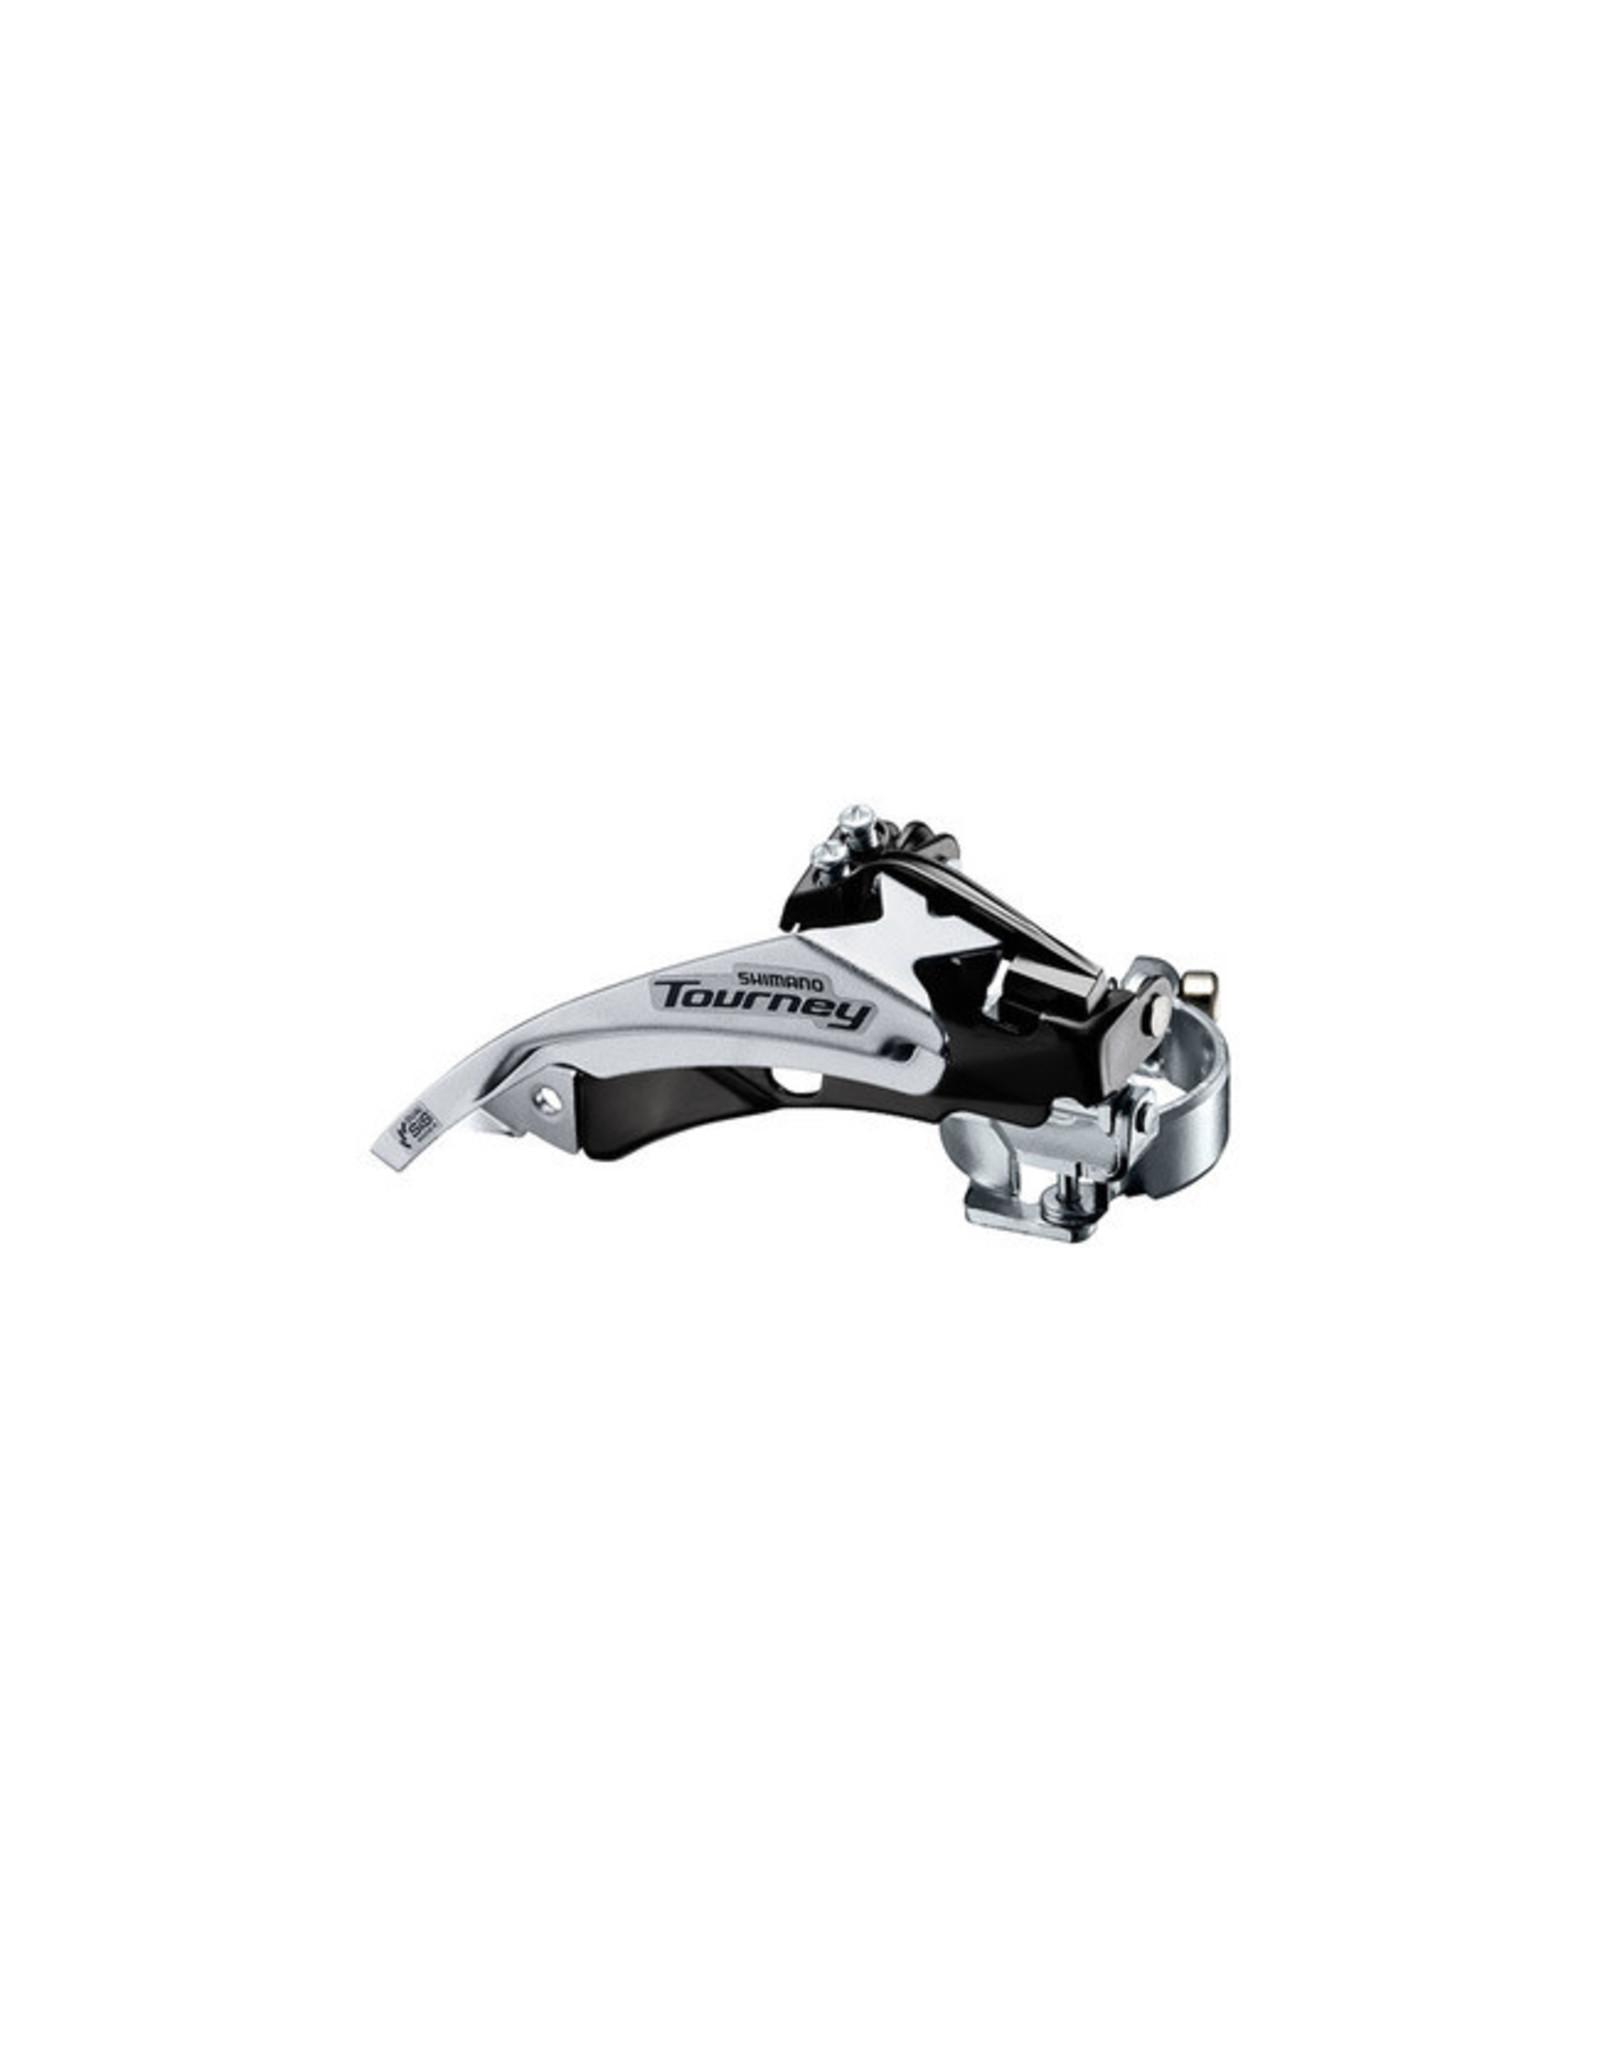 Shimano Dérailleur av. Shim Tourney TY500 6/7v top swing 34.9/31.8/28.6mm 18-42D